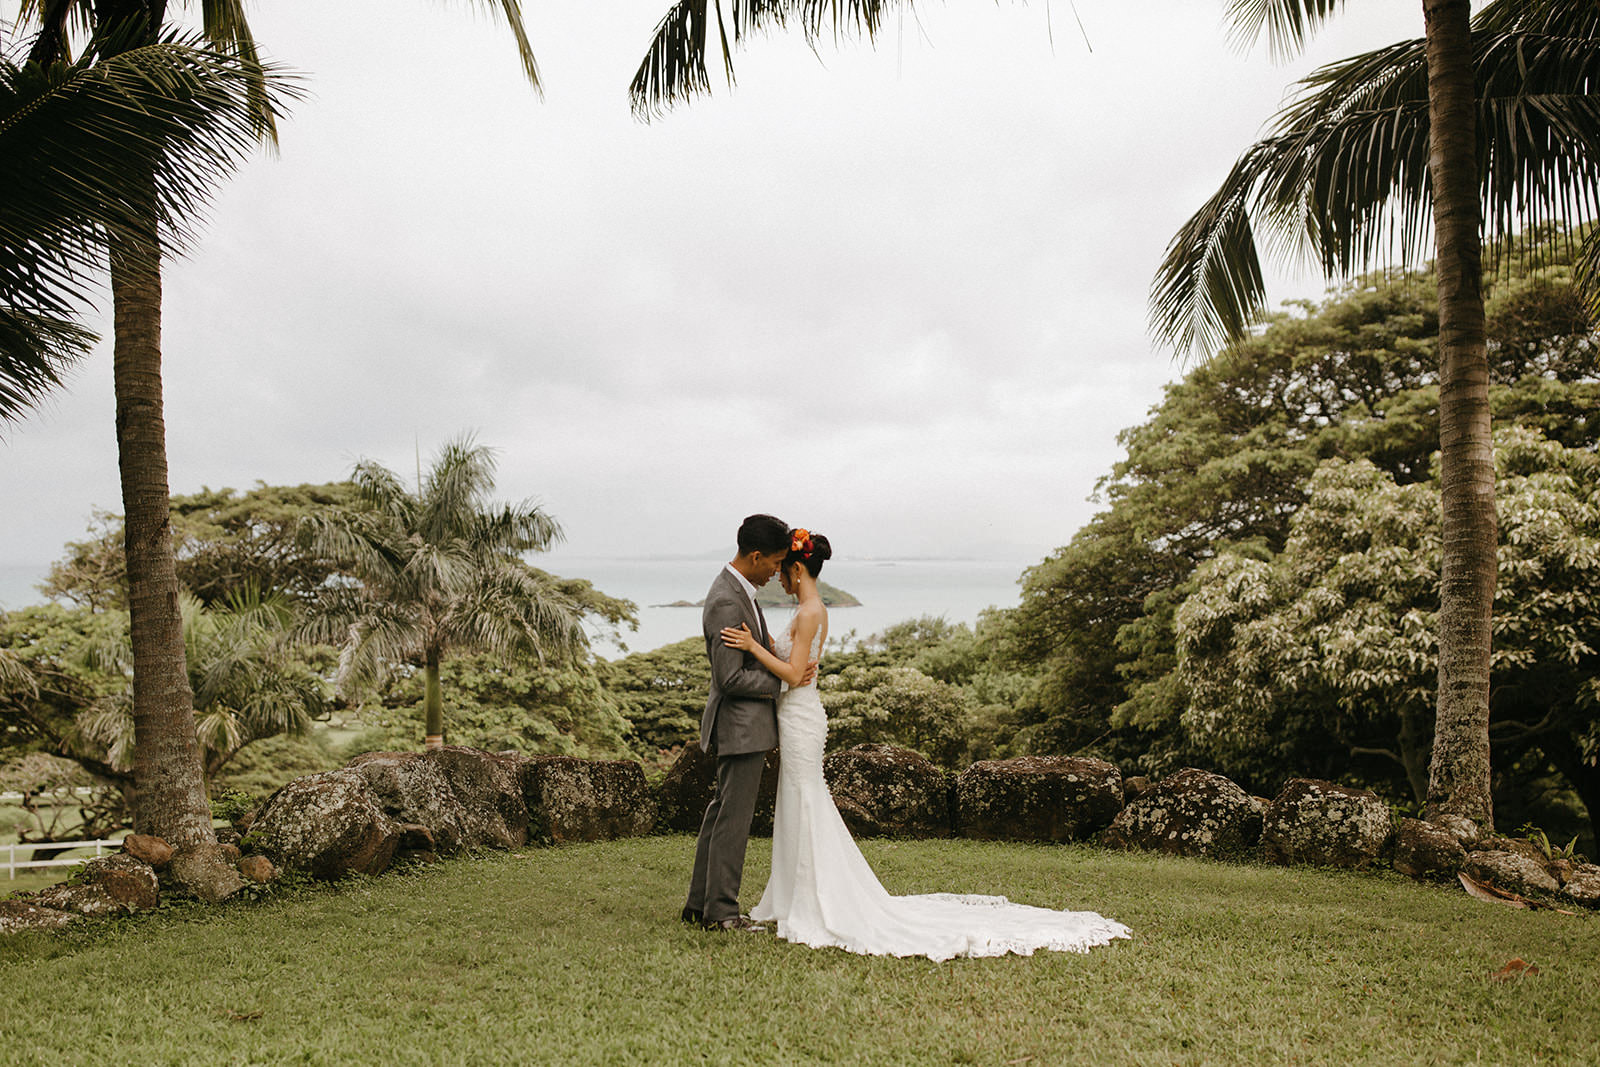 Kualoa_Hawaii_wedding_paliku20.jpg